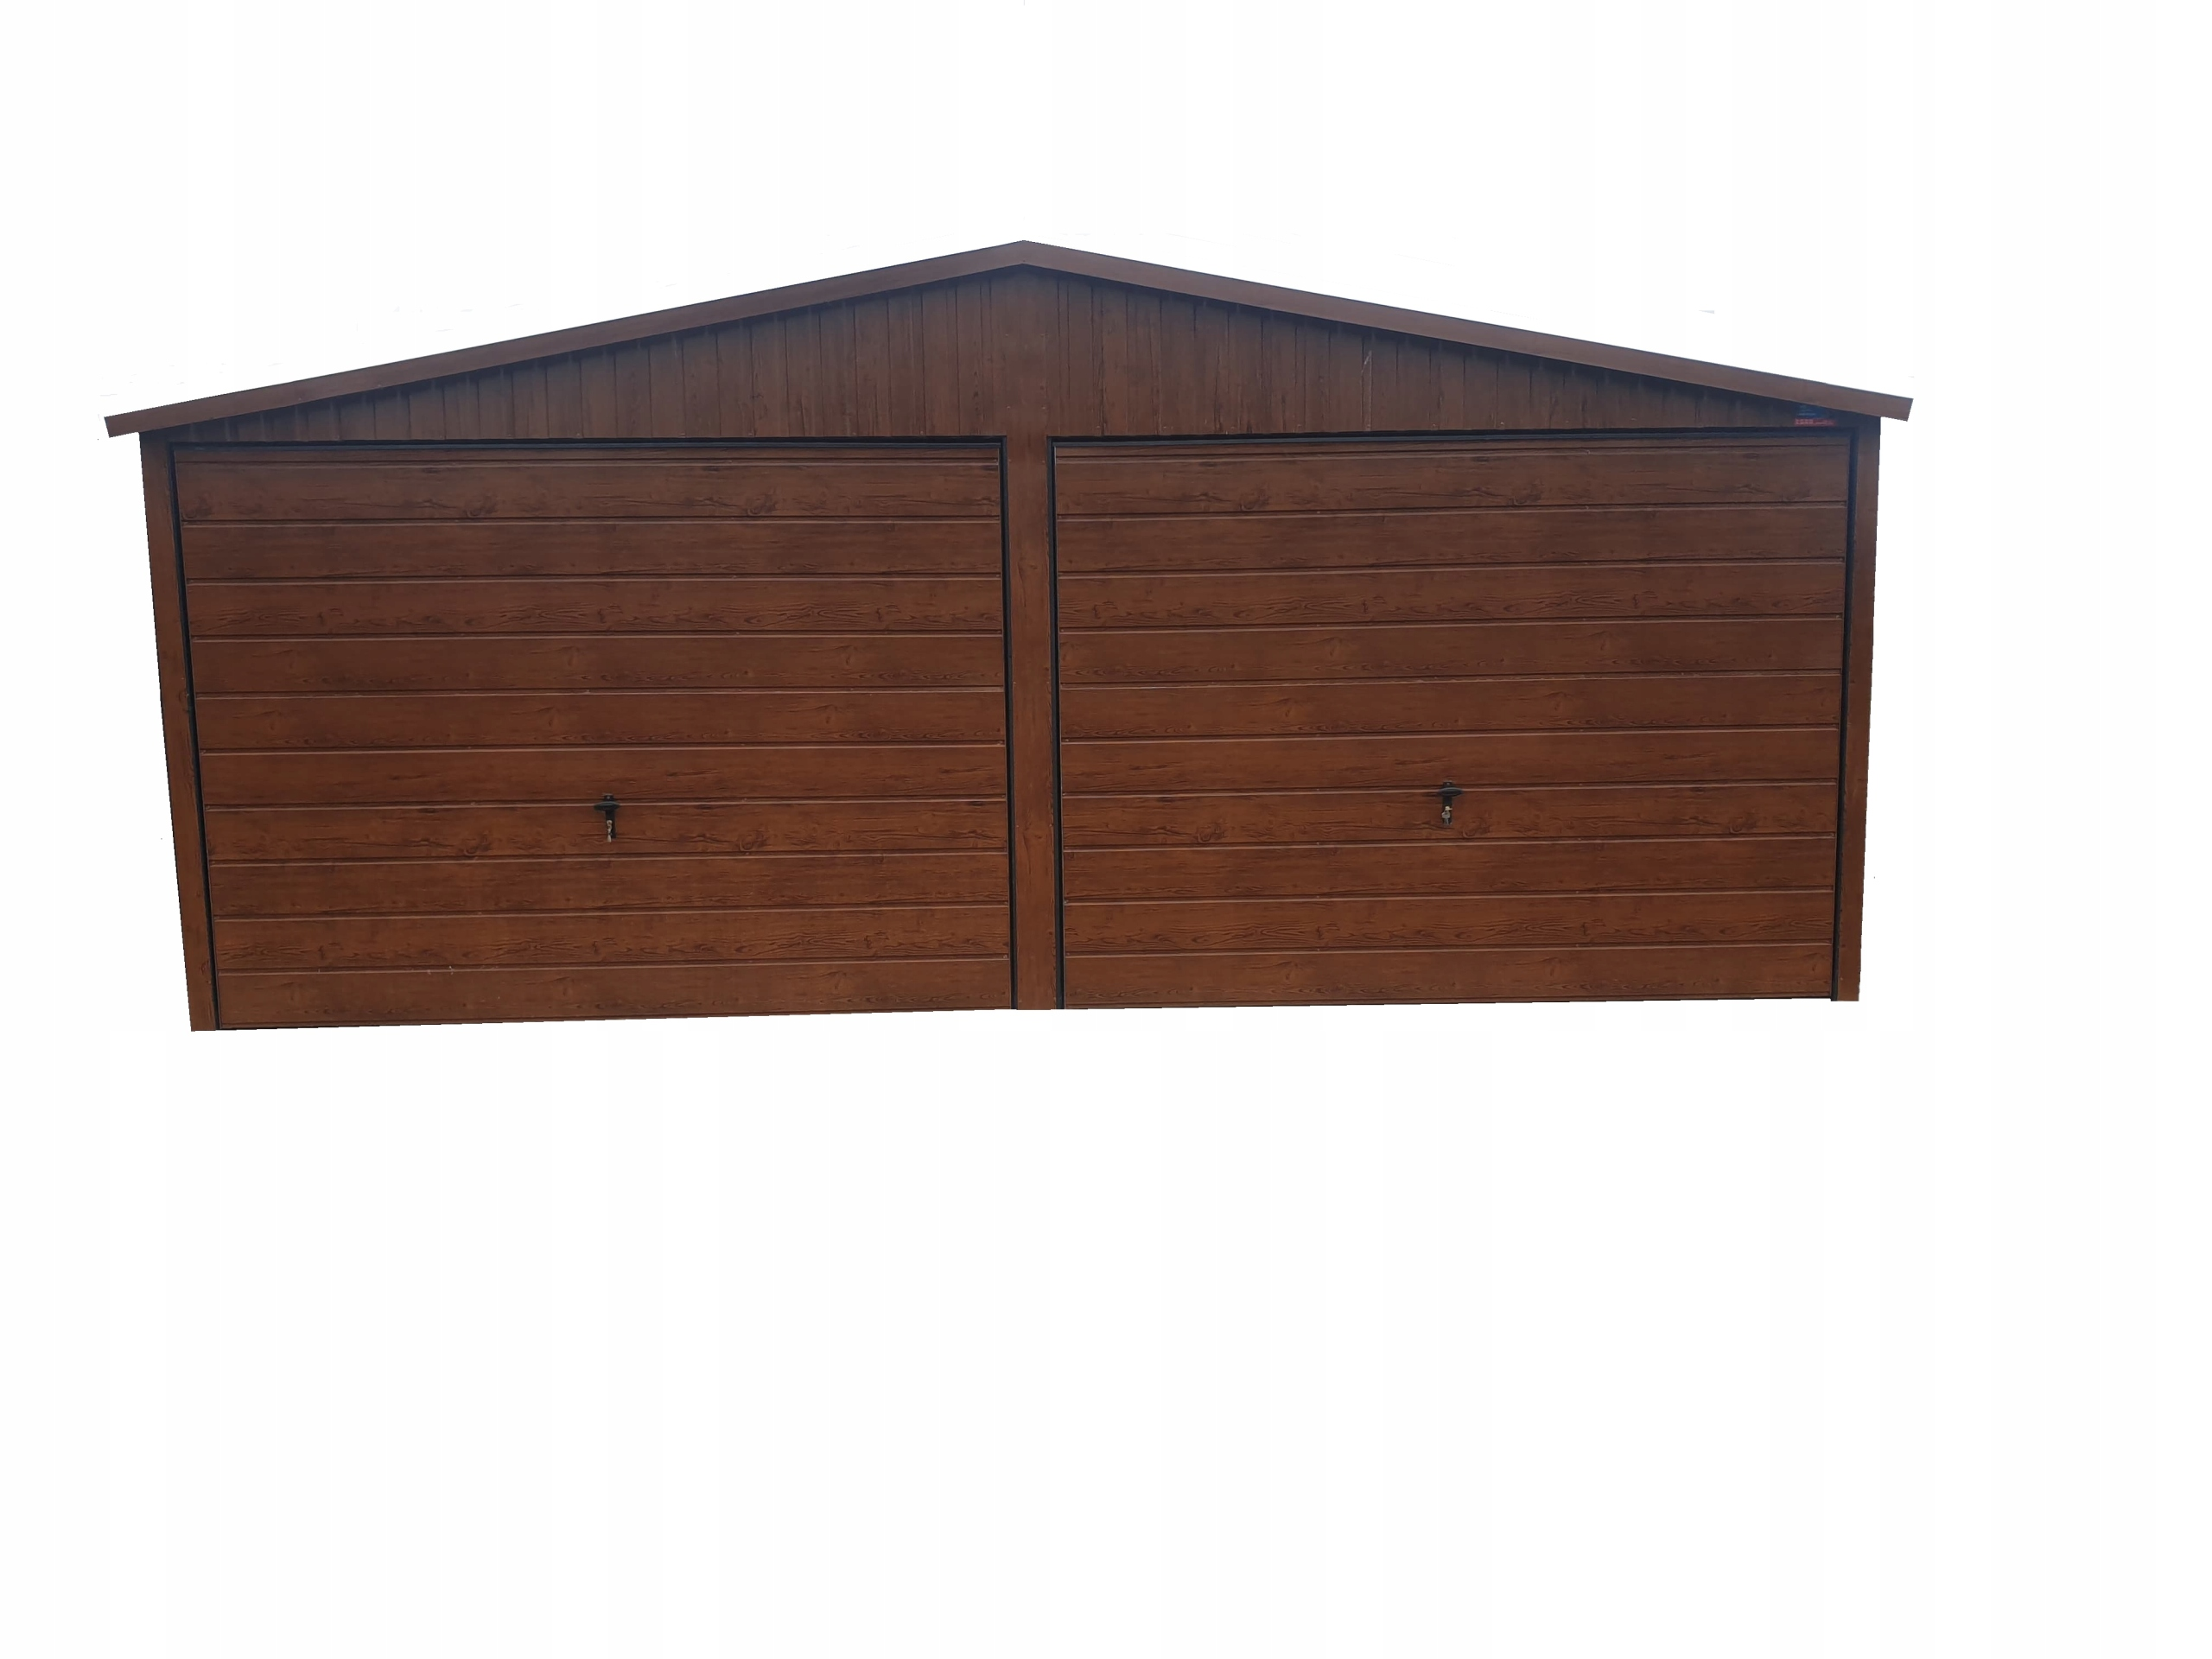 garaż blaszany 6x5 garaze blaszane MAŁOPOLSKIE